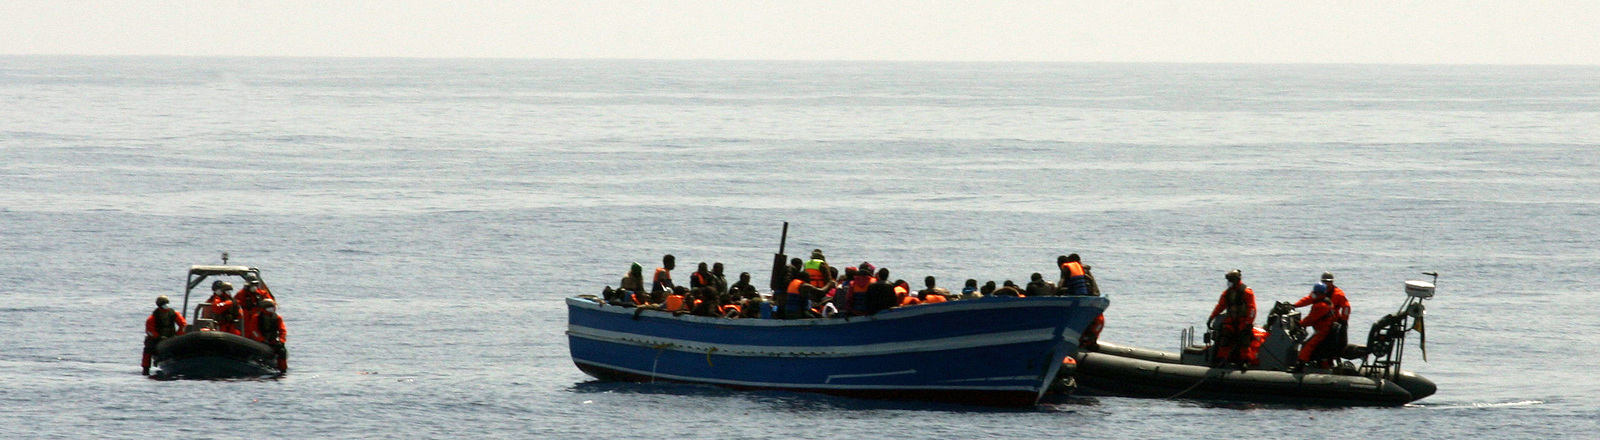 Soldaten der Fregatte Hessen bergen am 08.05.2015 im Mittelmeer 130 Seemeilen vor der italienischen Insel Lampedusa Schiffbrüchige von einem Boot.